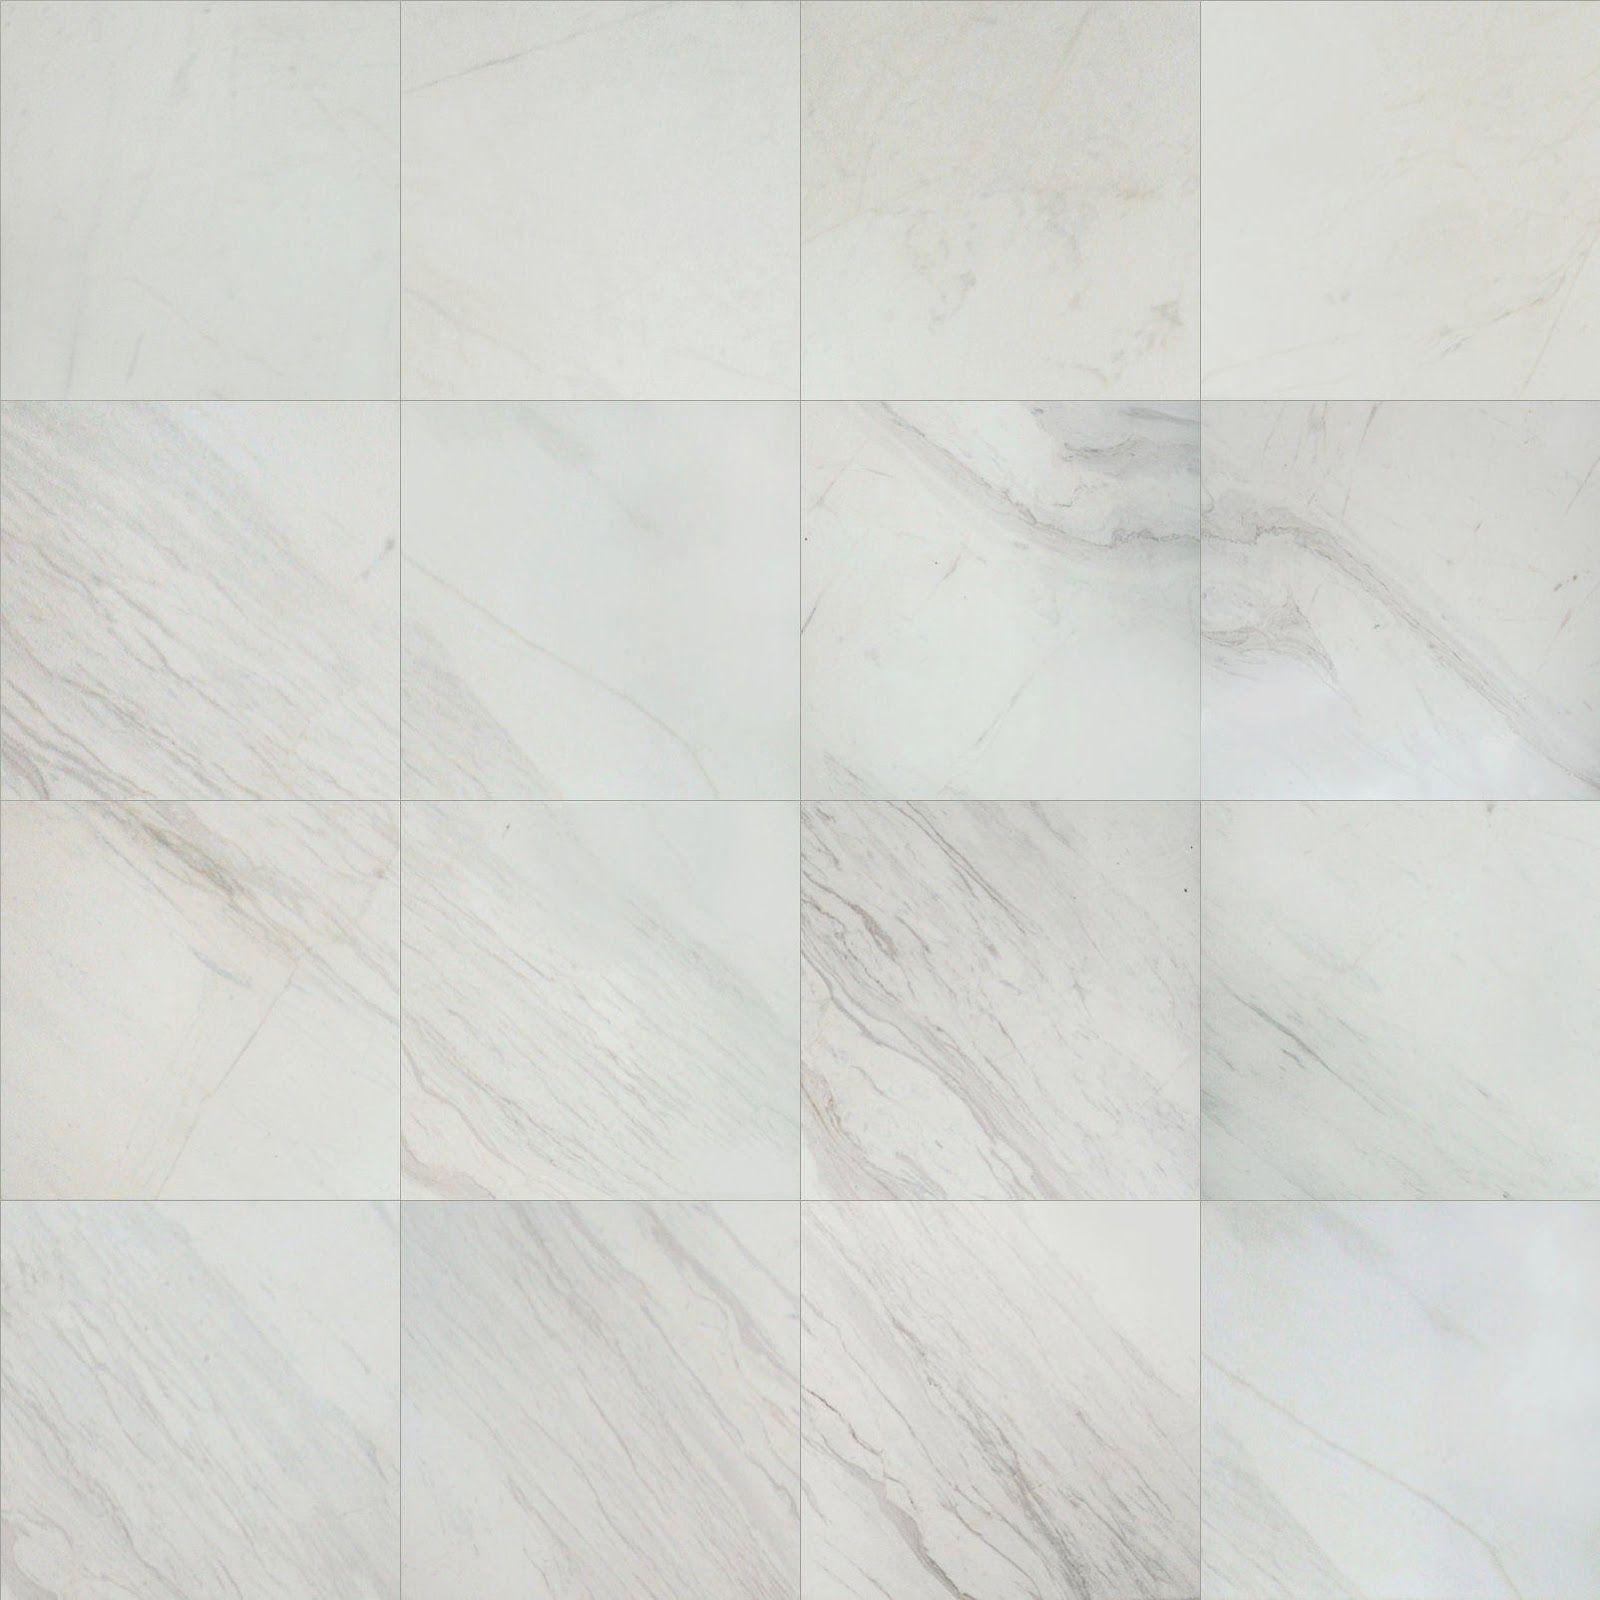 White Marble04 Jpg 1600 1600